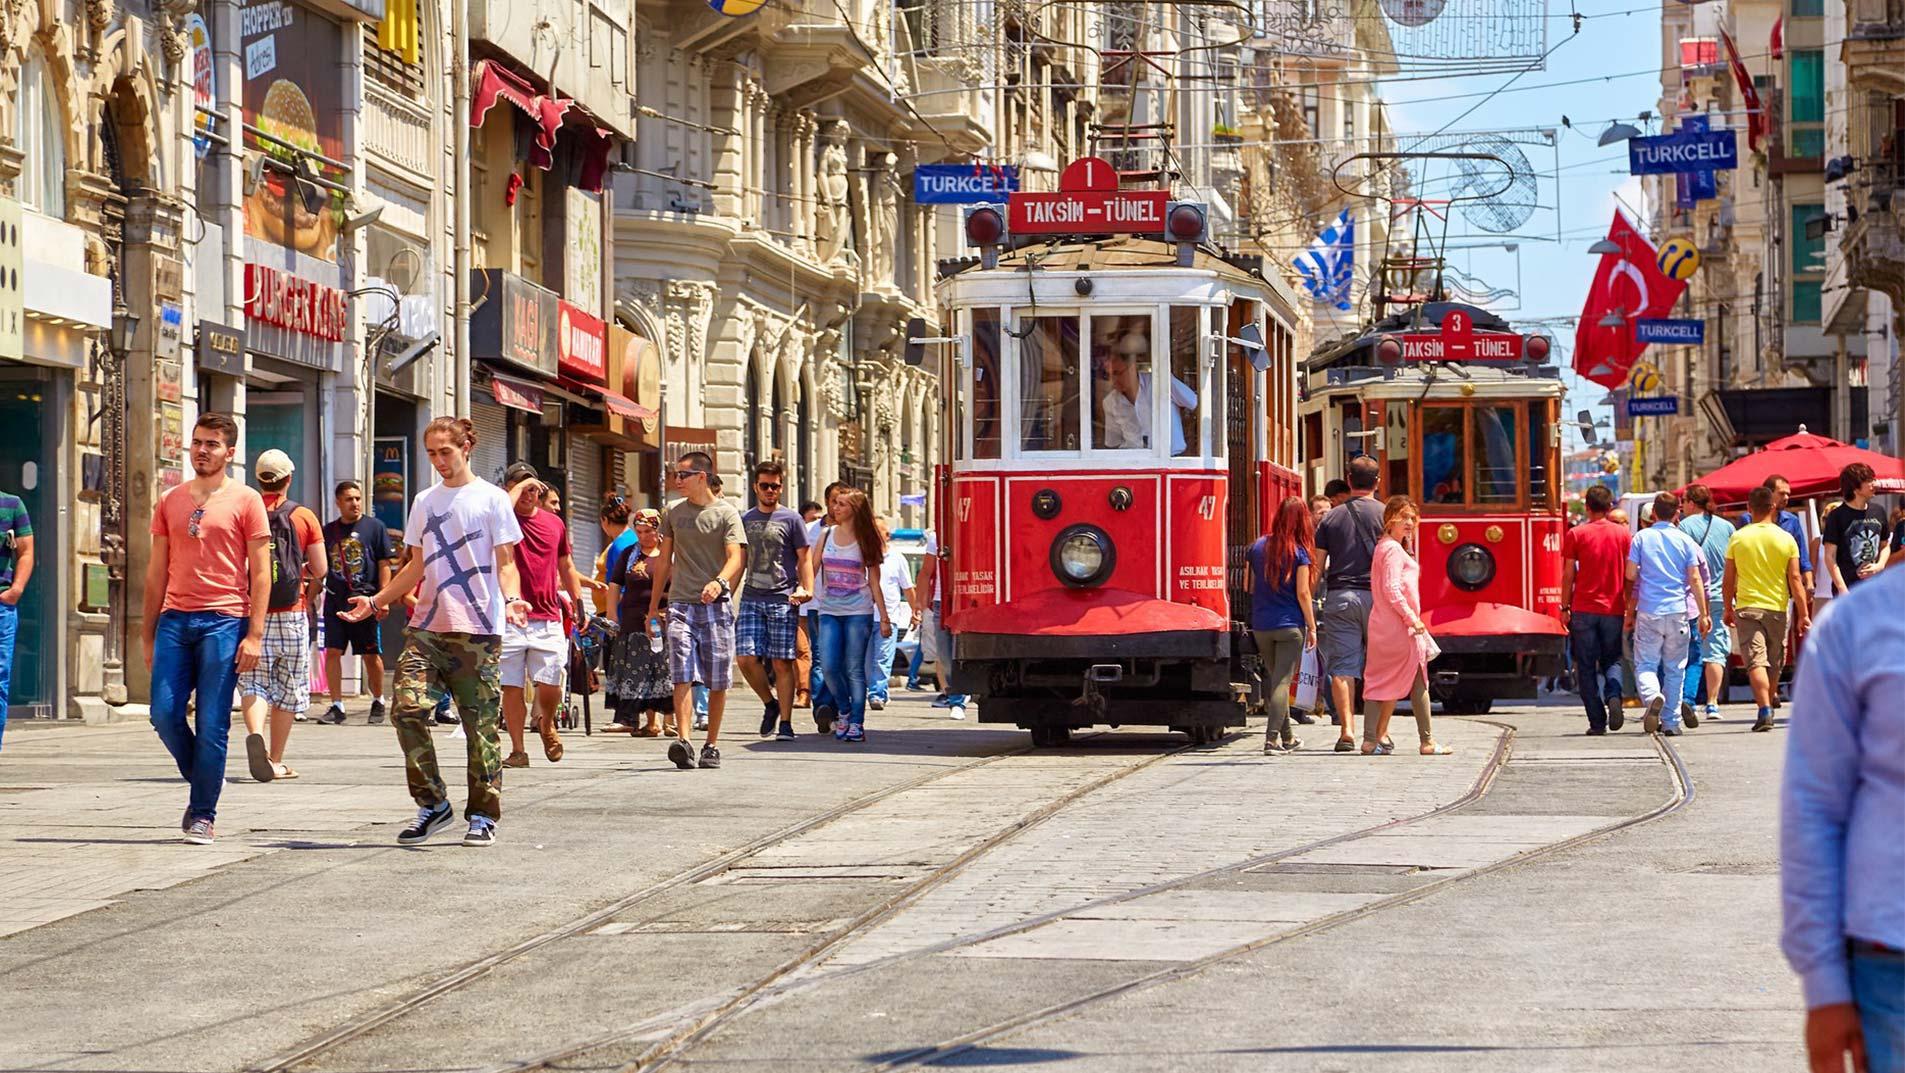 خیابان استقلال استانبول ، گشت و گذار و خرید در قلب تپندهی شهر